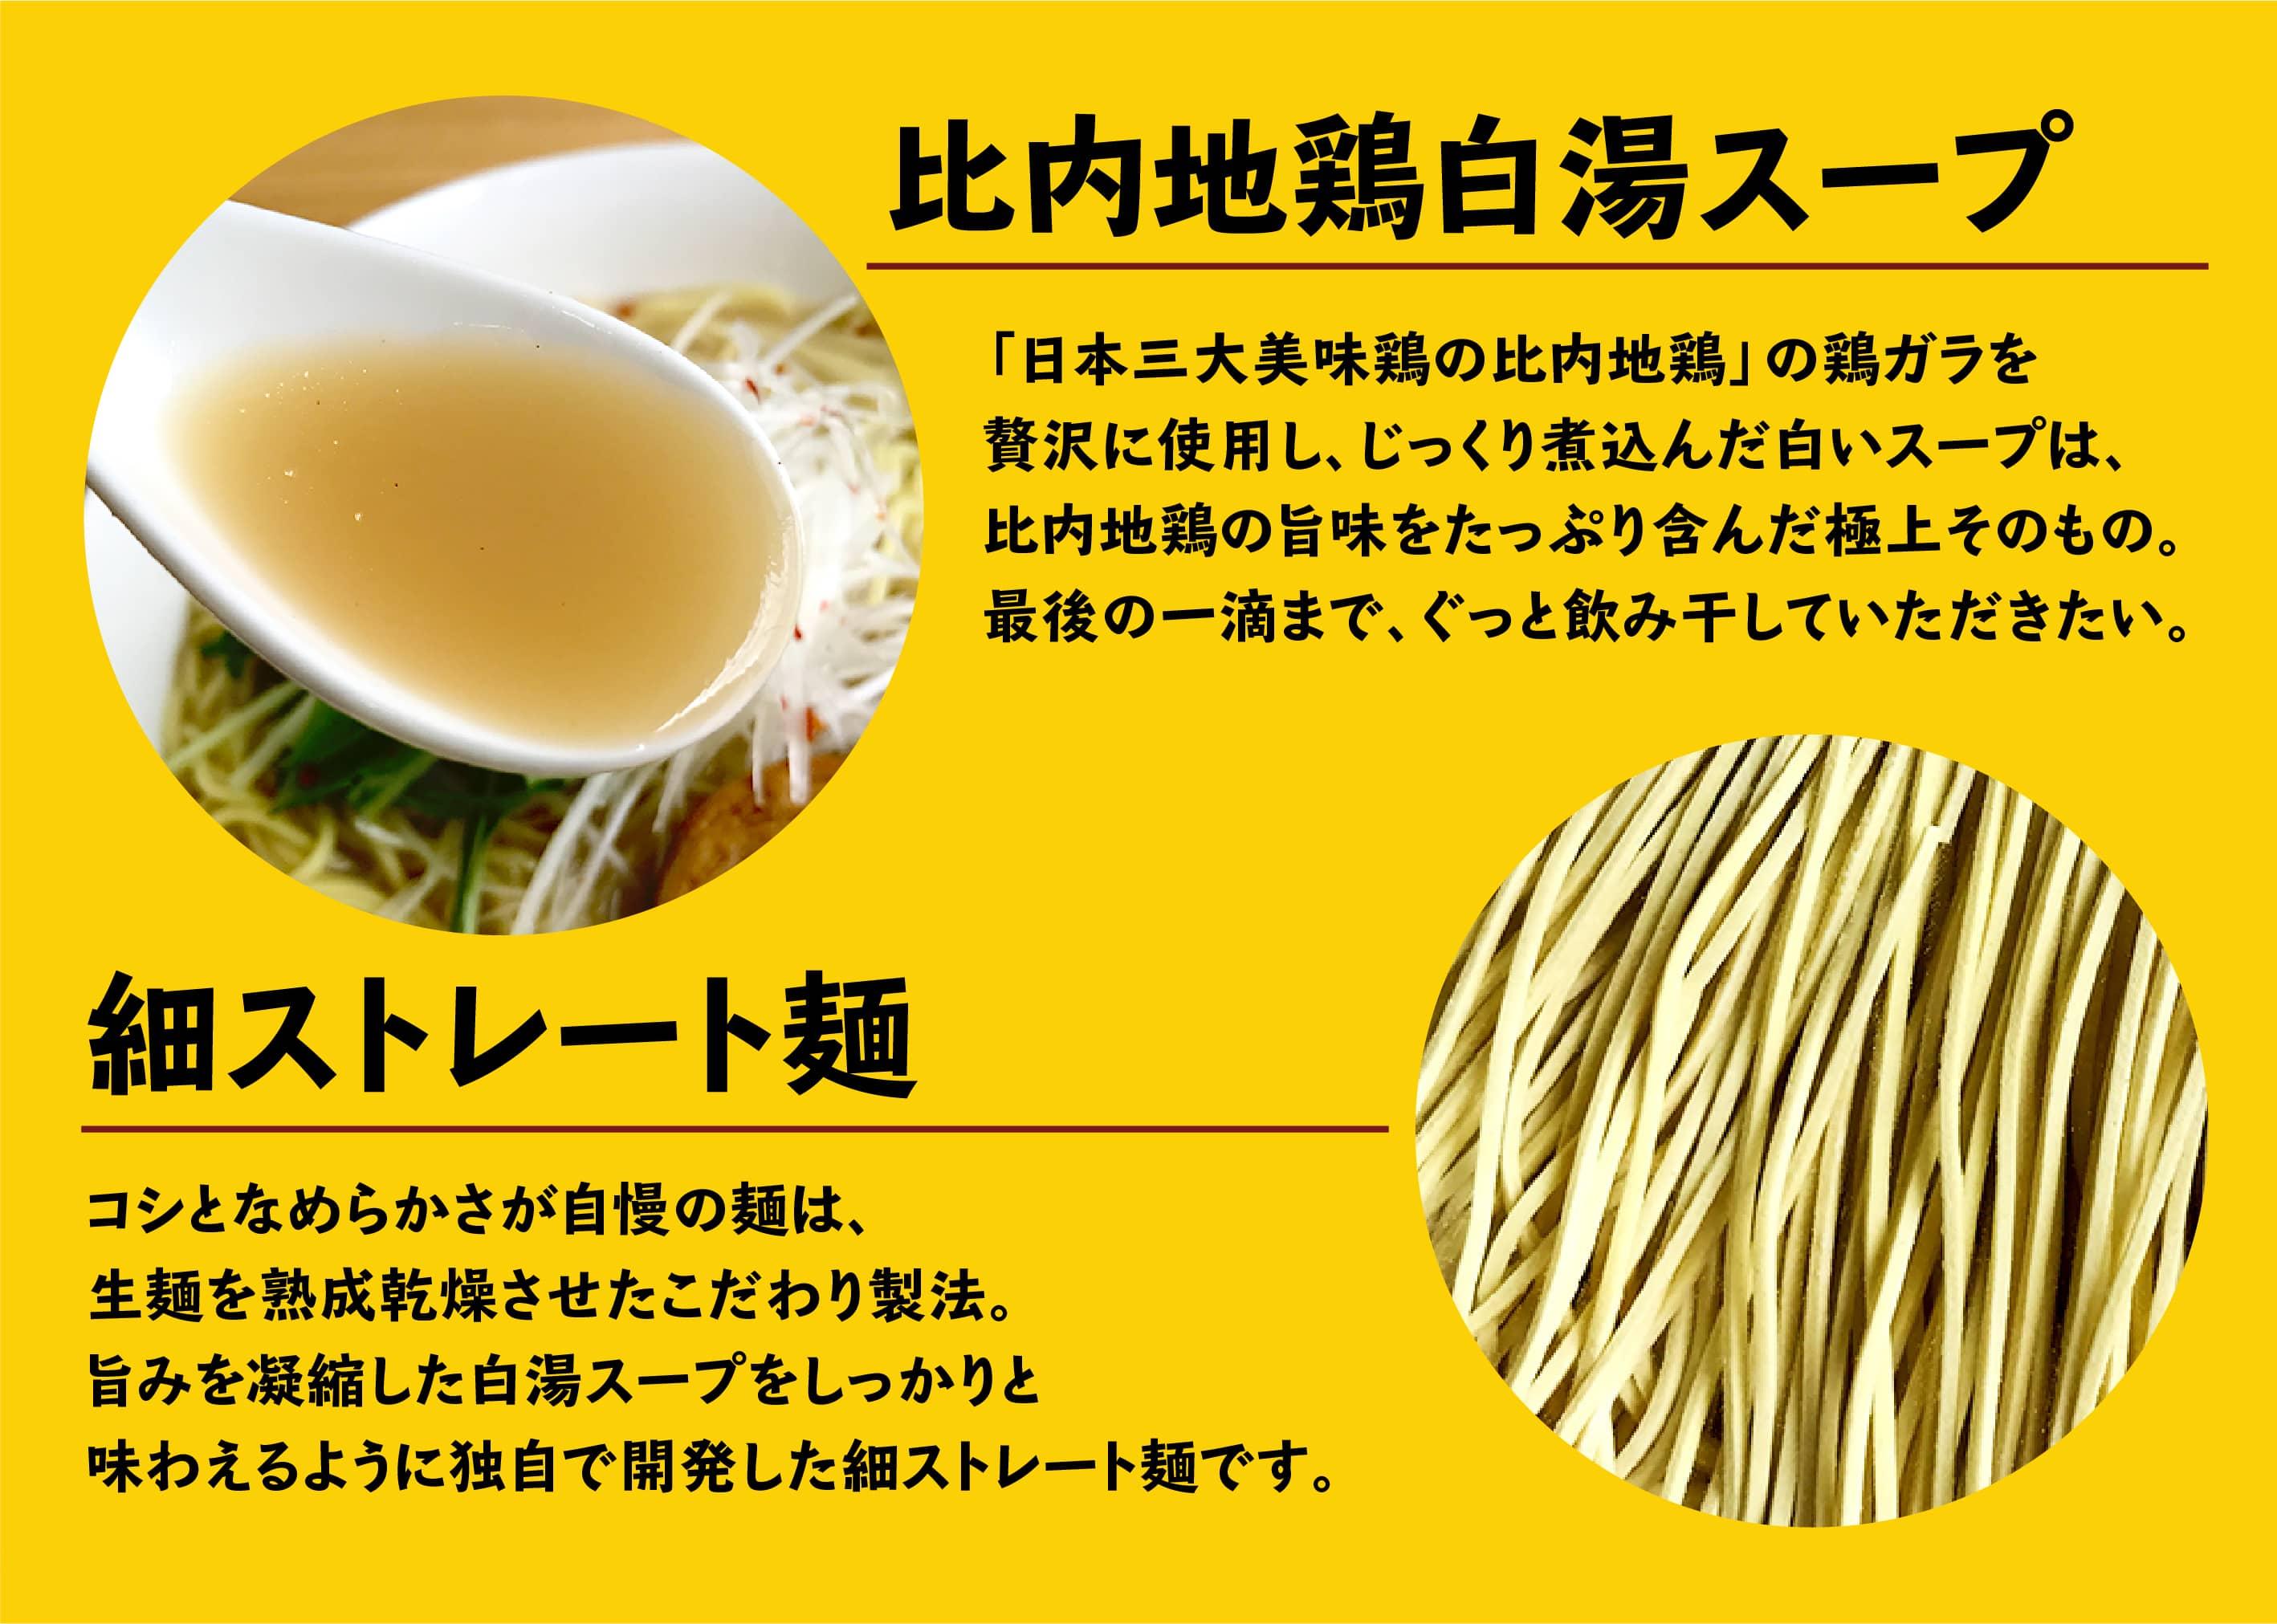 【送料無料】 UMAMY 比内地鶏白湯ラーメン3種12袋セット